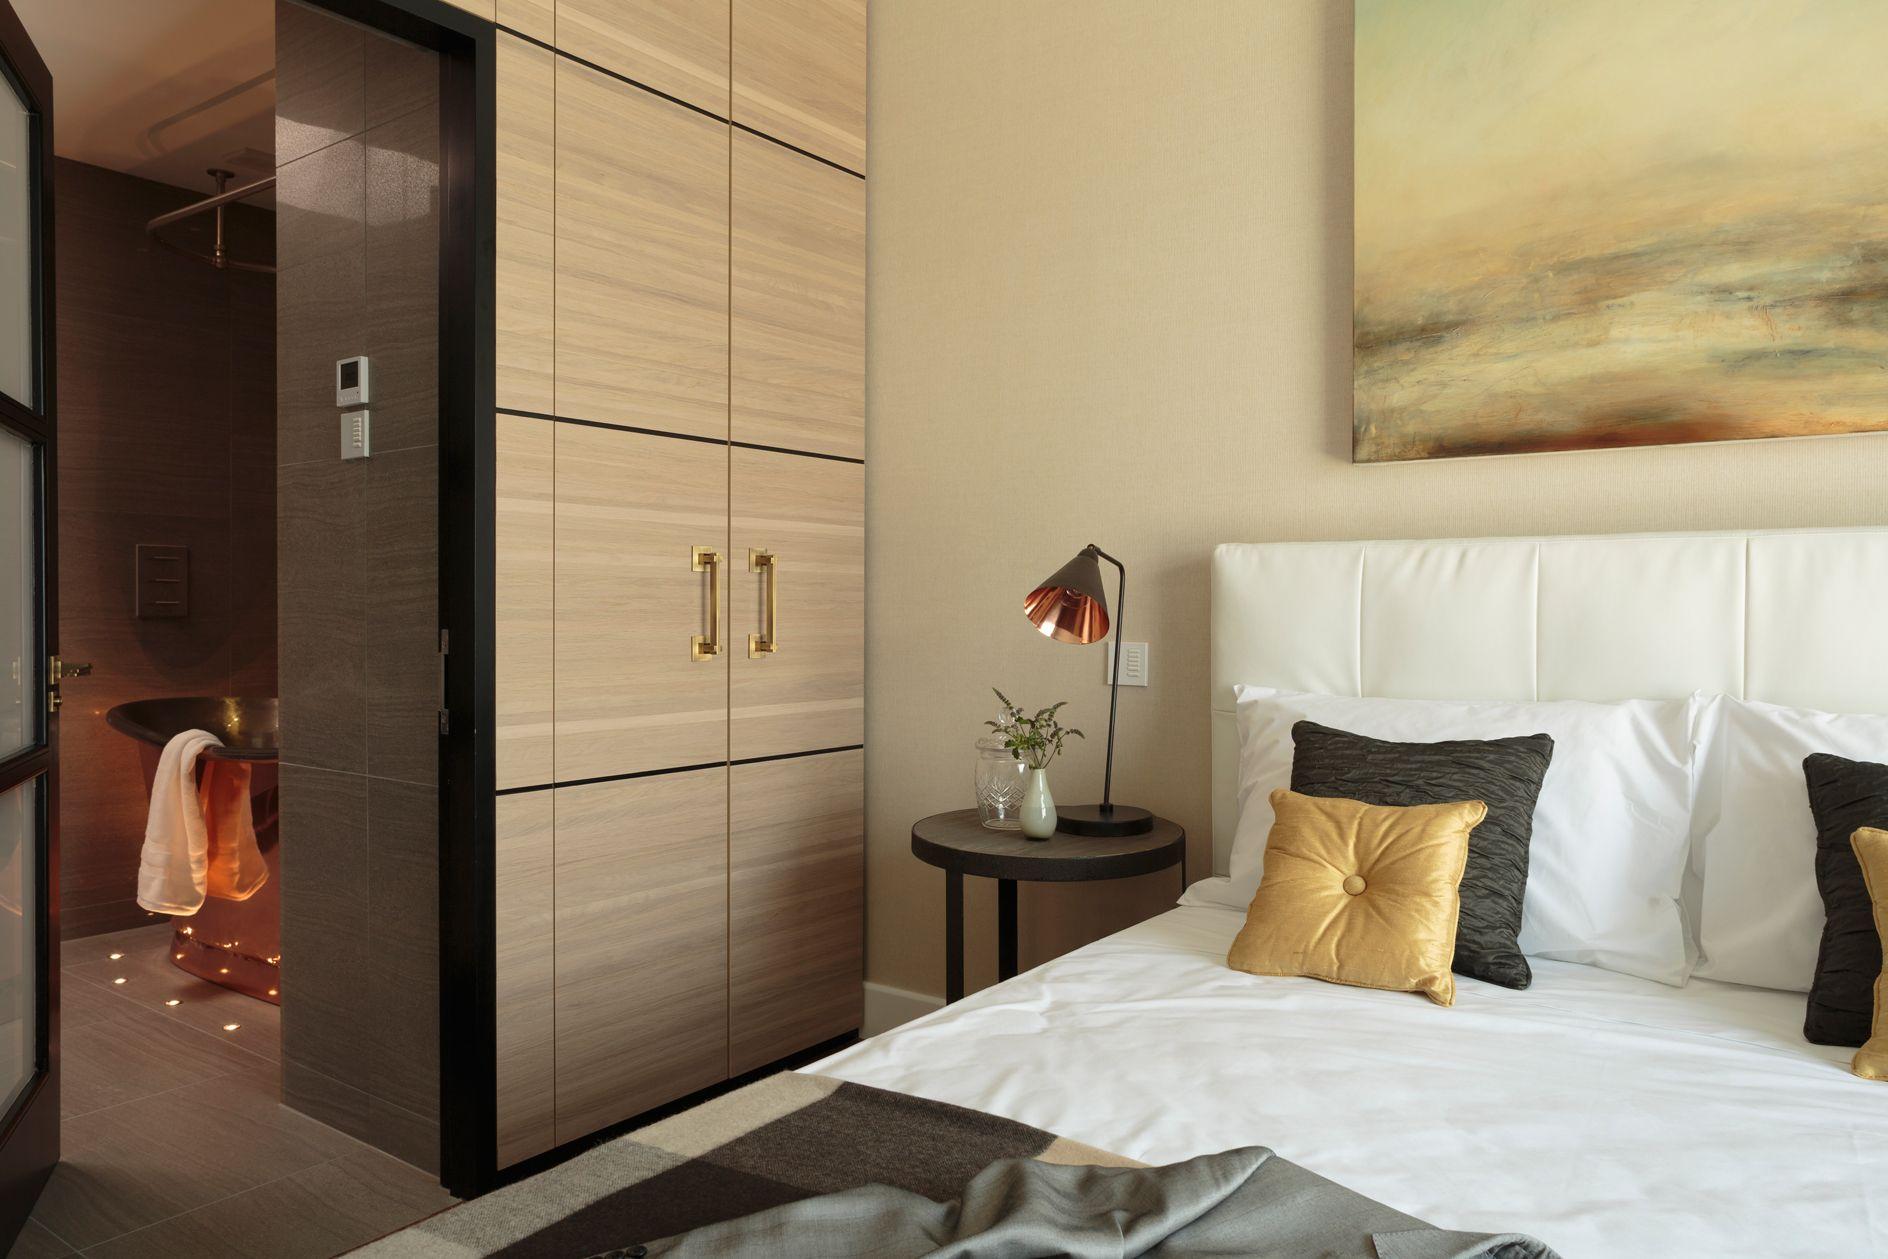 Bedroom And Bathroom Designs. Open Plan Bedroom And Bathroom Designs   BedroomChampion com